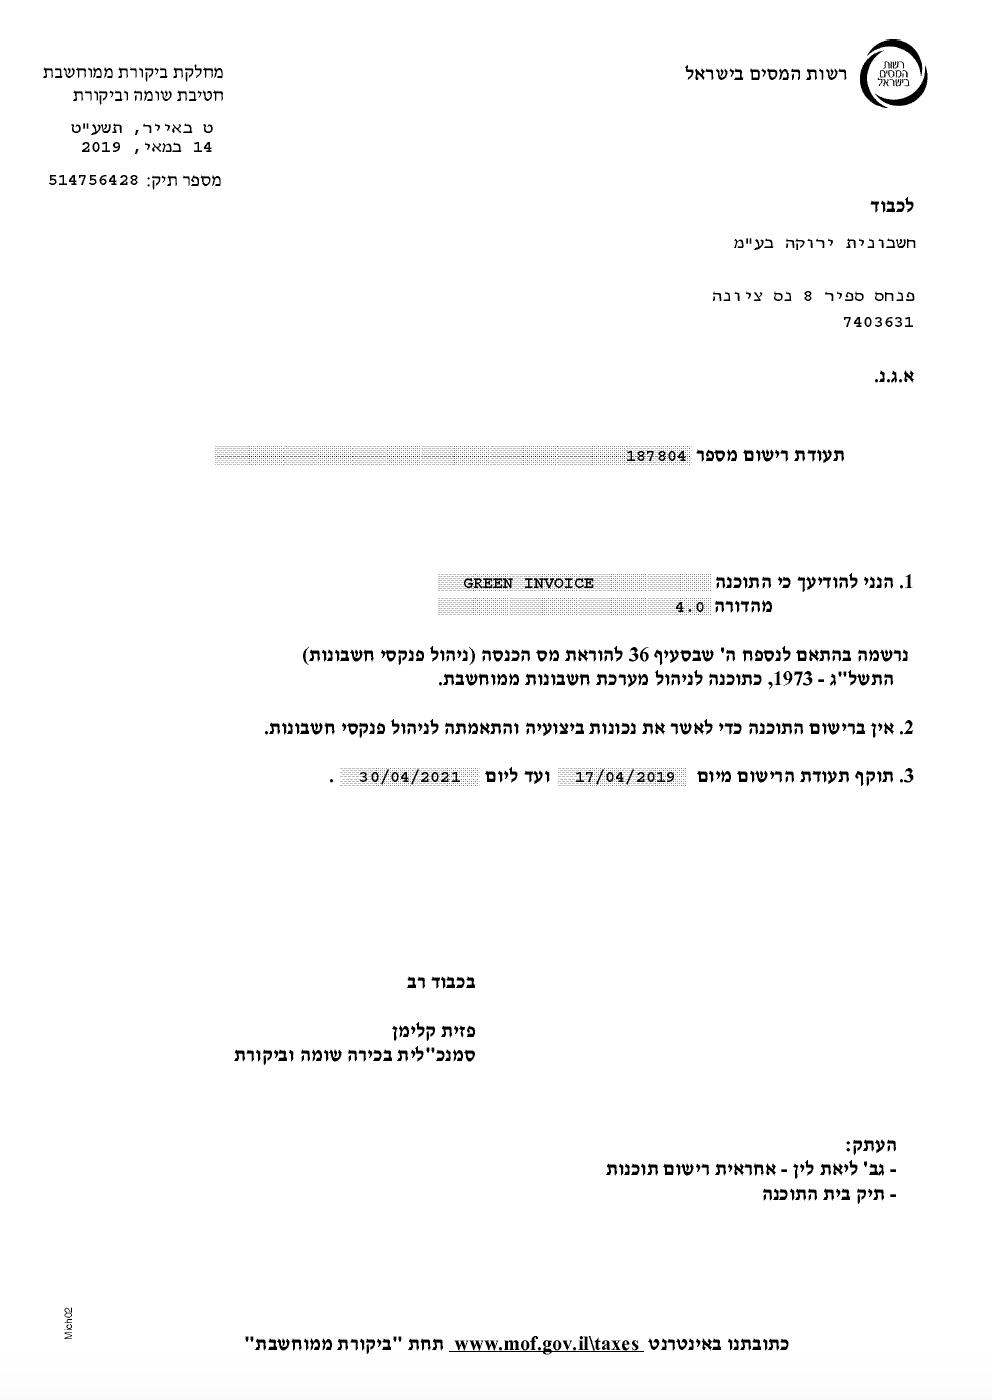 אישור רישום מערכת חשבונית ירוקה ברשות המסים